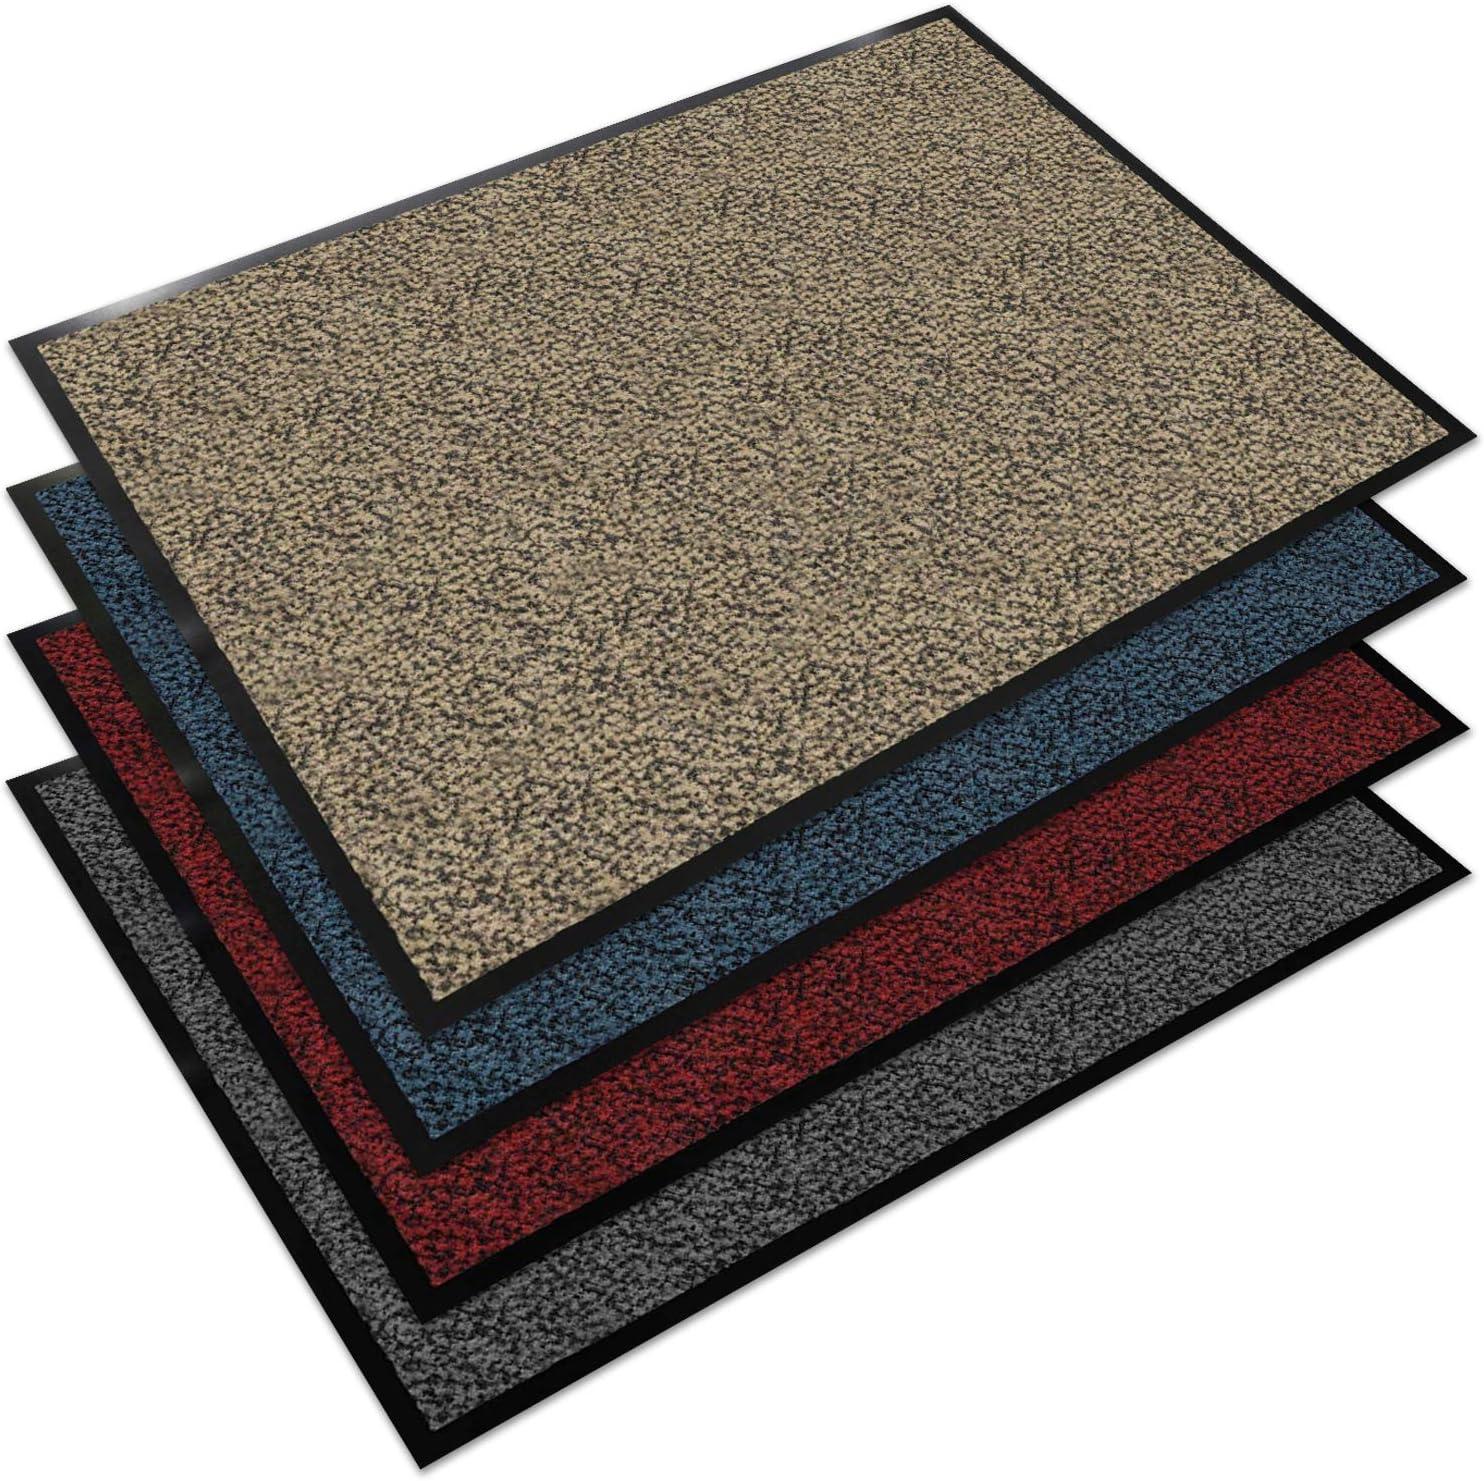 40x60 cm Testsieger Fu/ßmatte in vielen Farben und Gr/ö/ßen Floordirekt EVEREST Schmutzfangmatte Sky anthrazit-schwarz